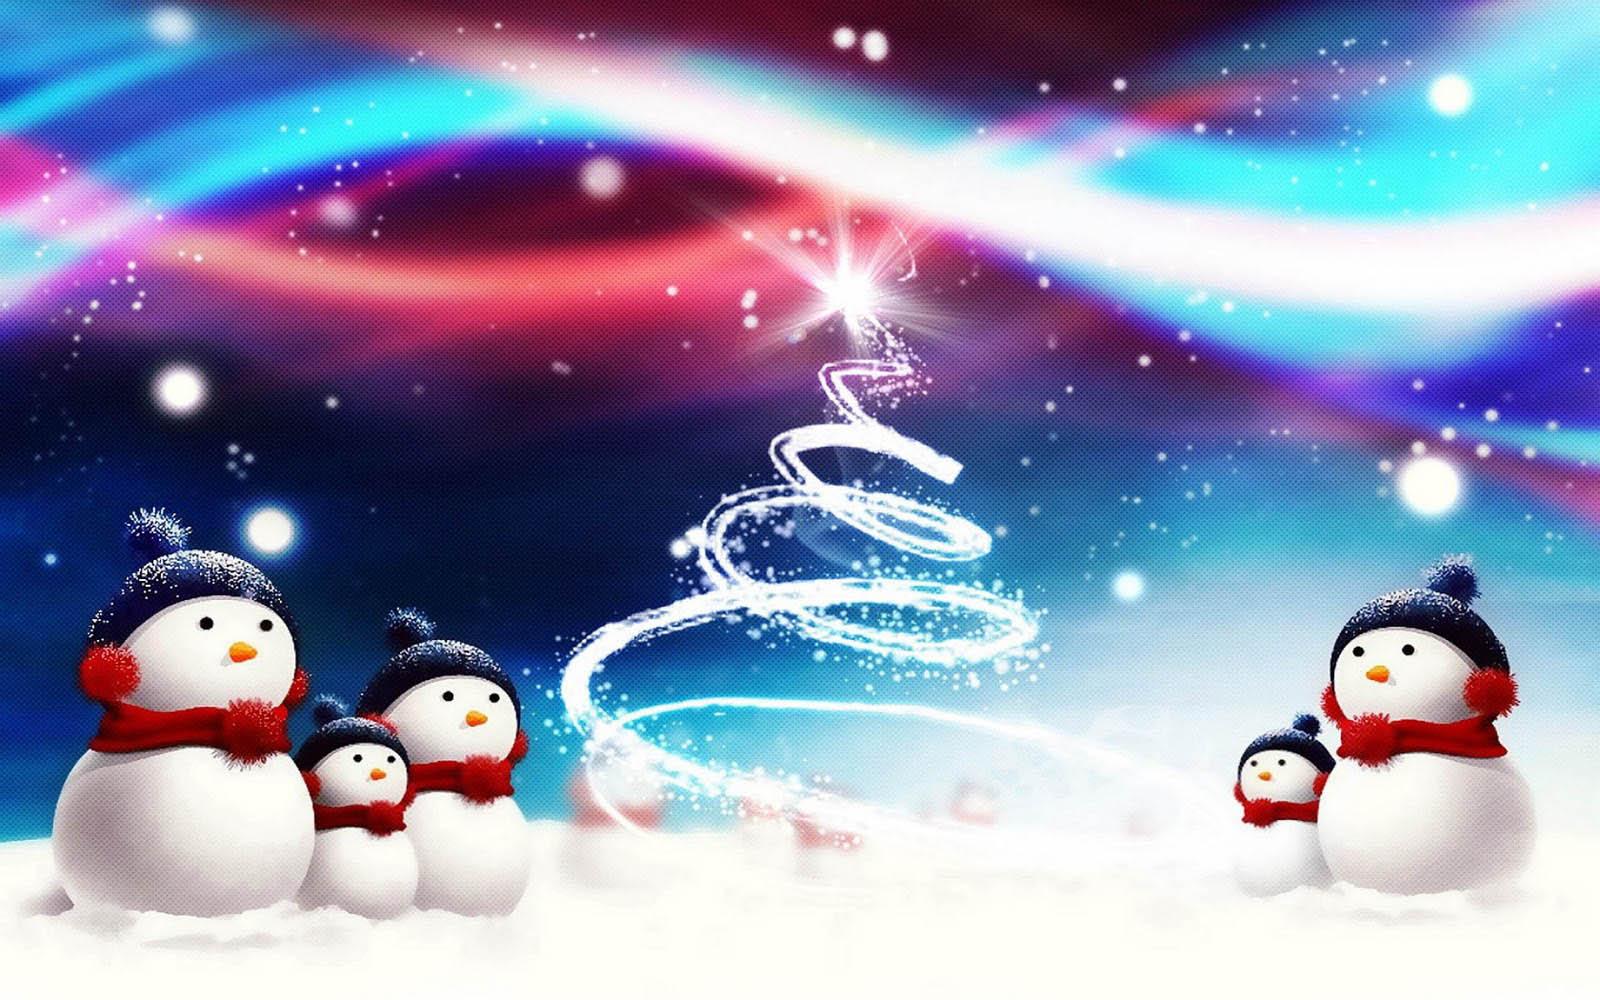 Wallpaper Snowman Backgrounds